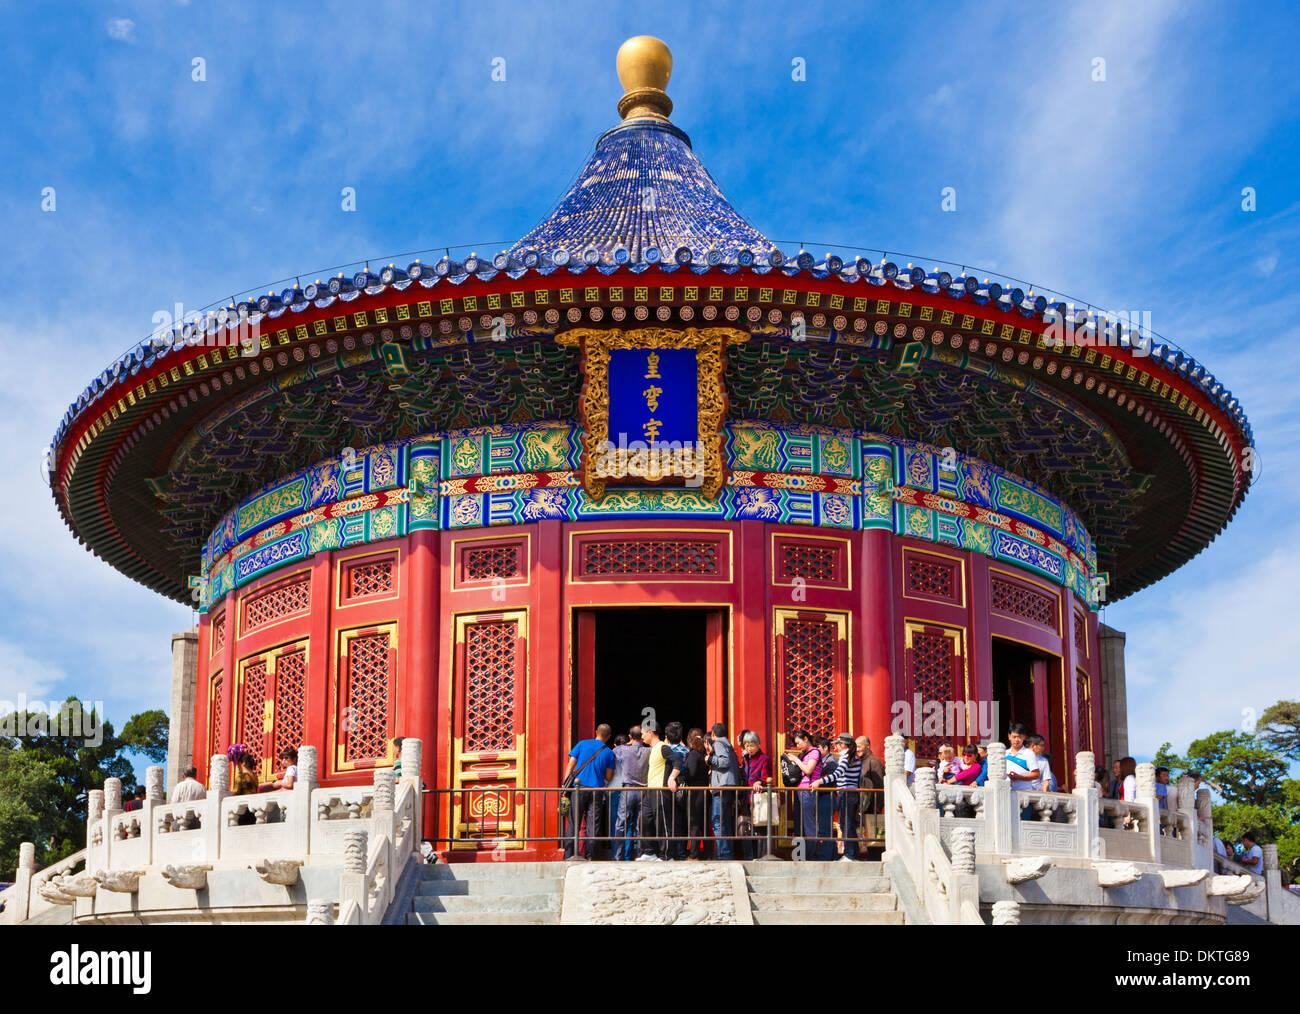 Tian Tan, Templo del Cielo, la Bóveda Imperial del Cielo, Beijing, República Popular China, República Popular de China, Asia Imagen De Stock